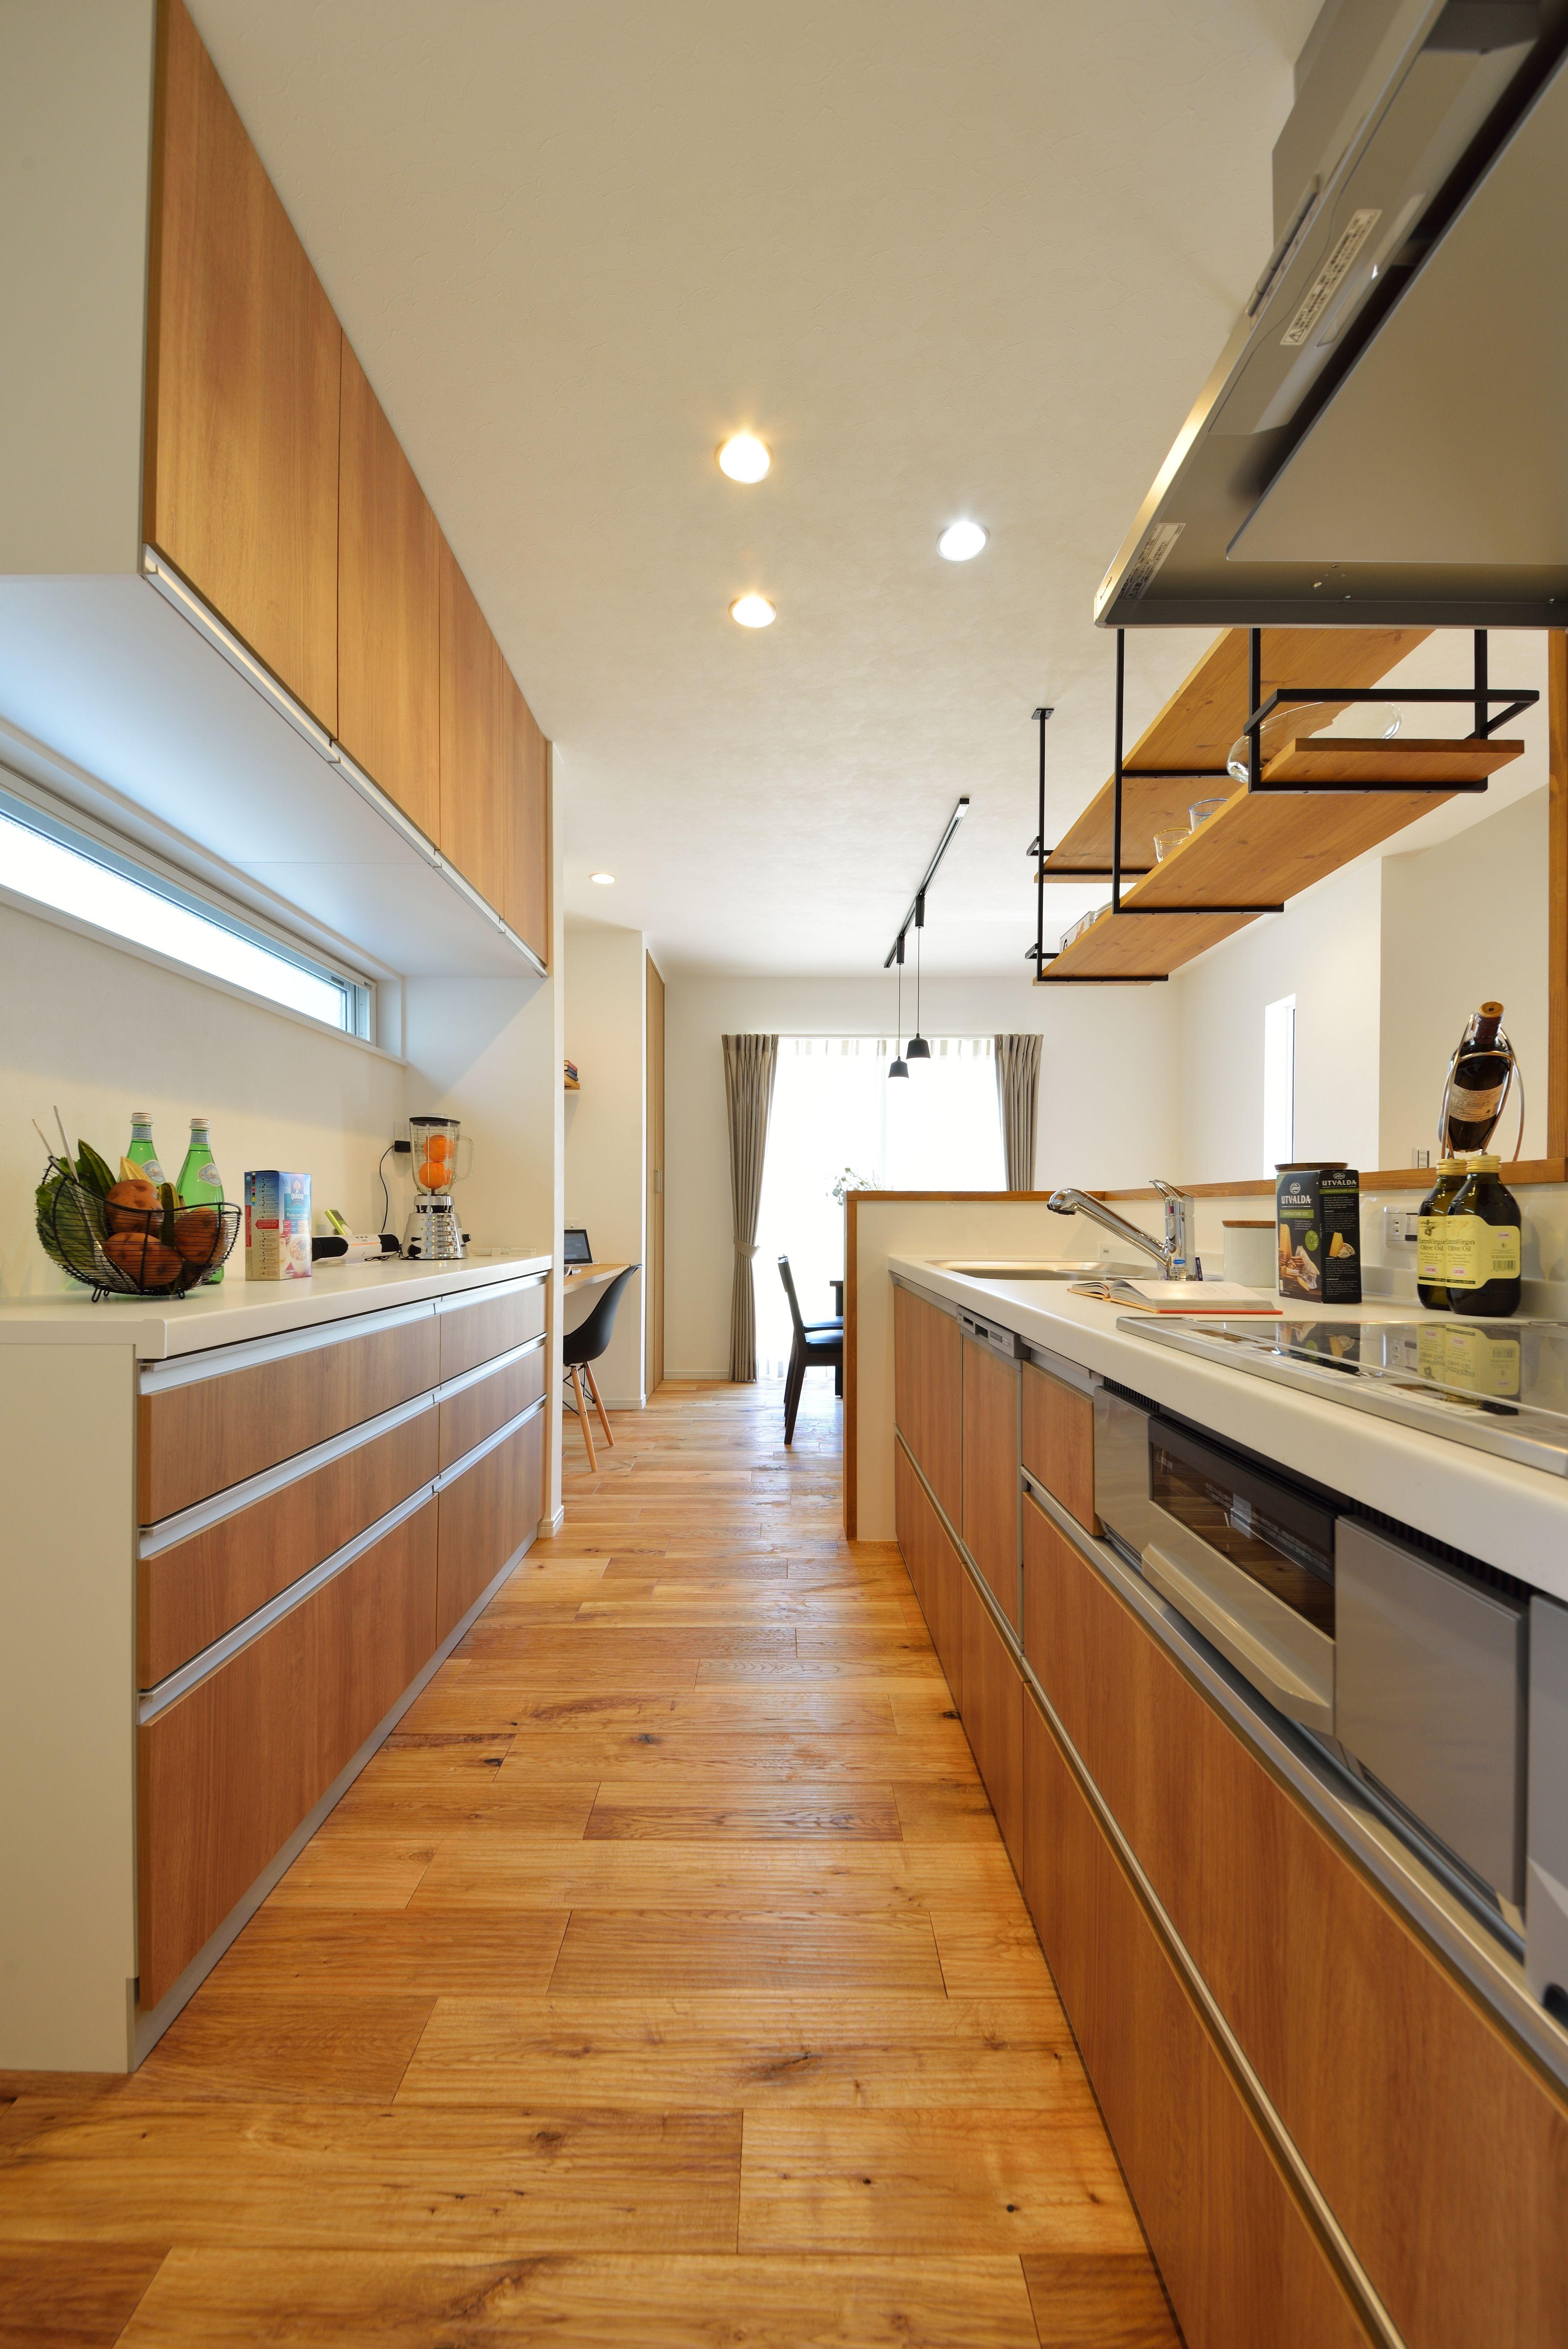 キッチン 周遊型キッチンとすることで 配膳 家事作業の負担を軽減